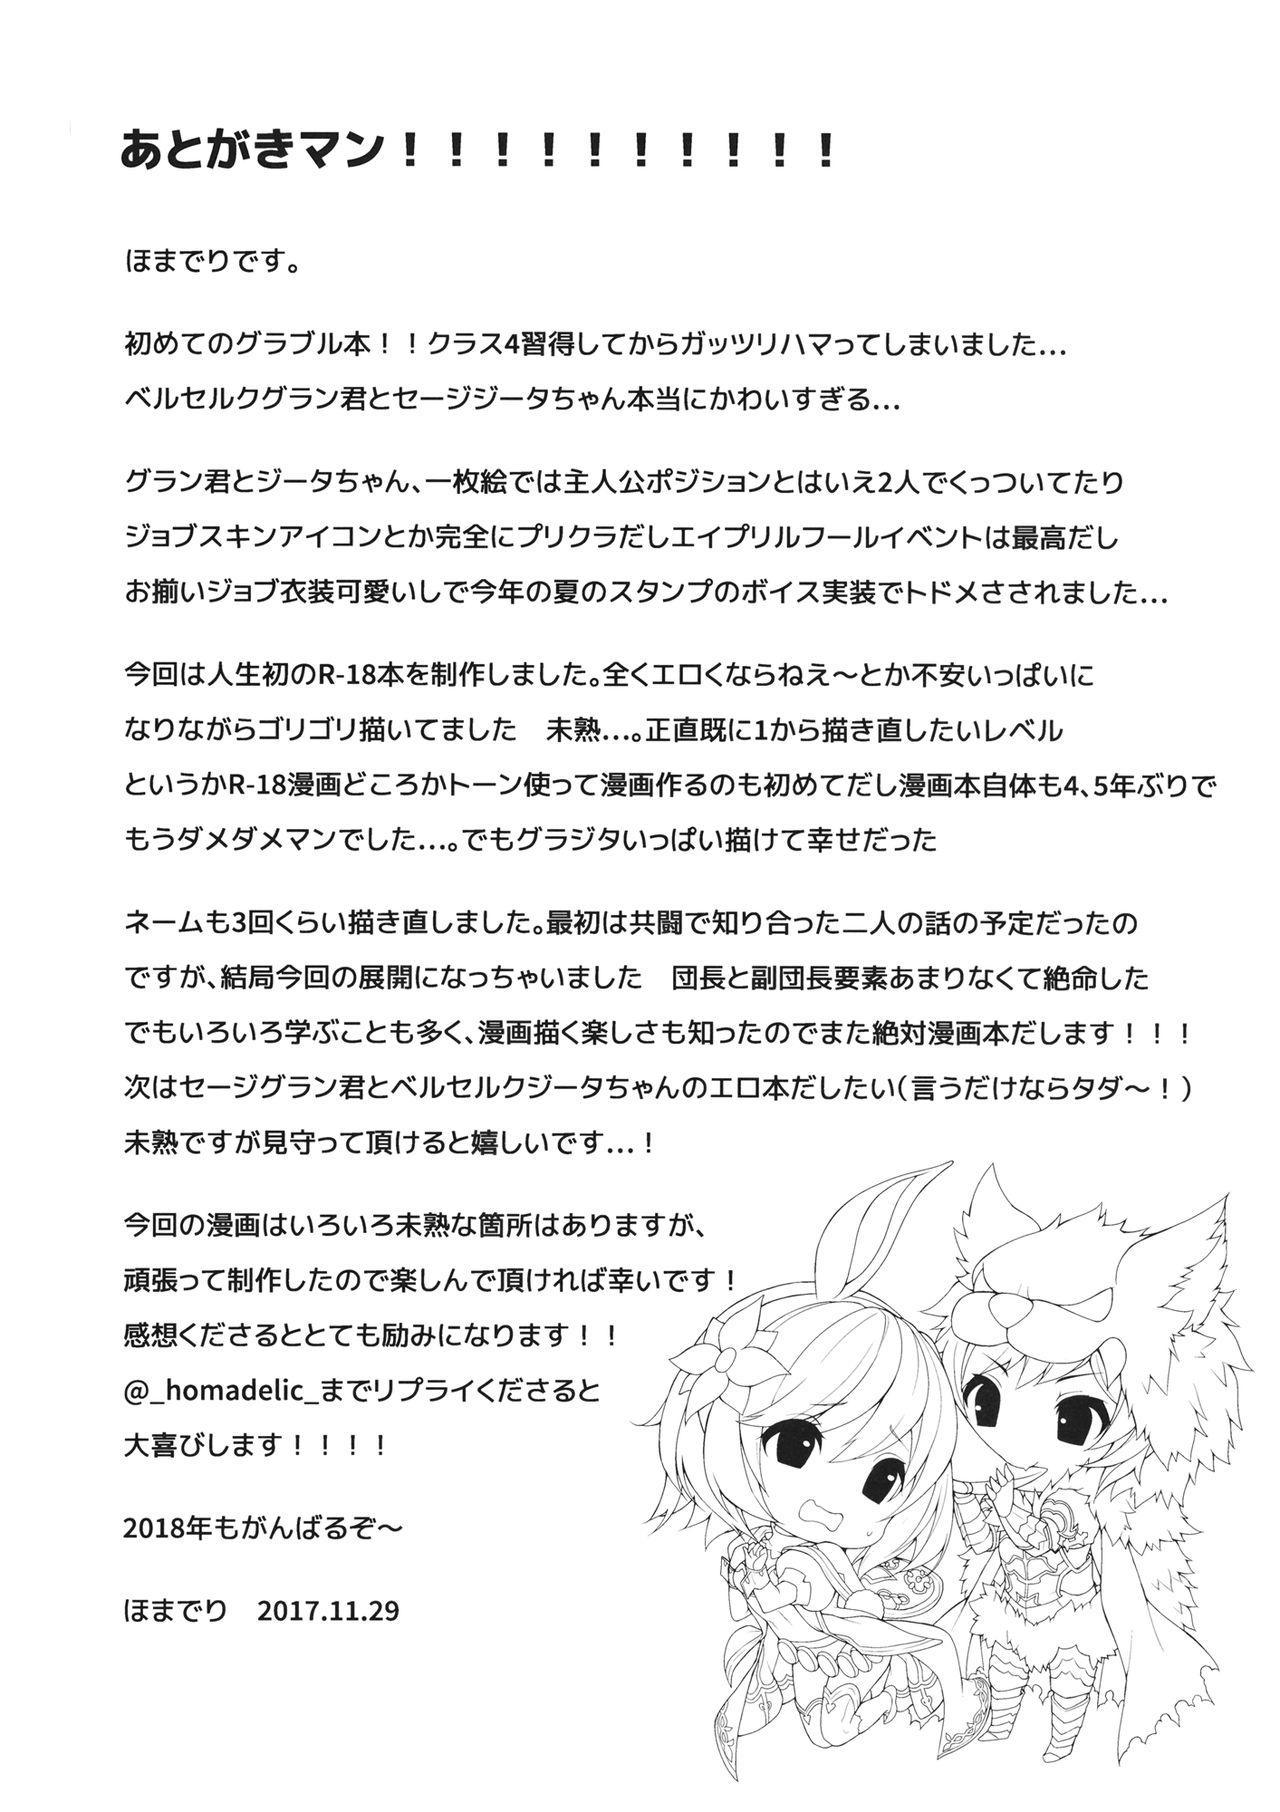 (C93) [homadelic. (Homaderi)] Fukudanchou no Usagi Djeeta-chan ga Danchou no Ookami Gran-kun ni Taberarechau Hon (Granblue Fantasy) 30